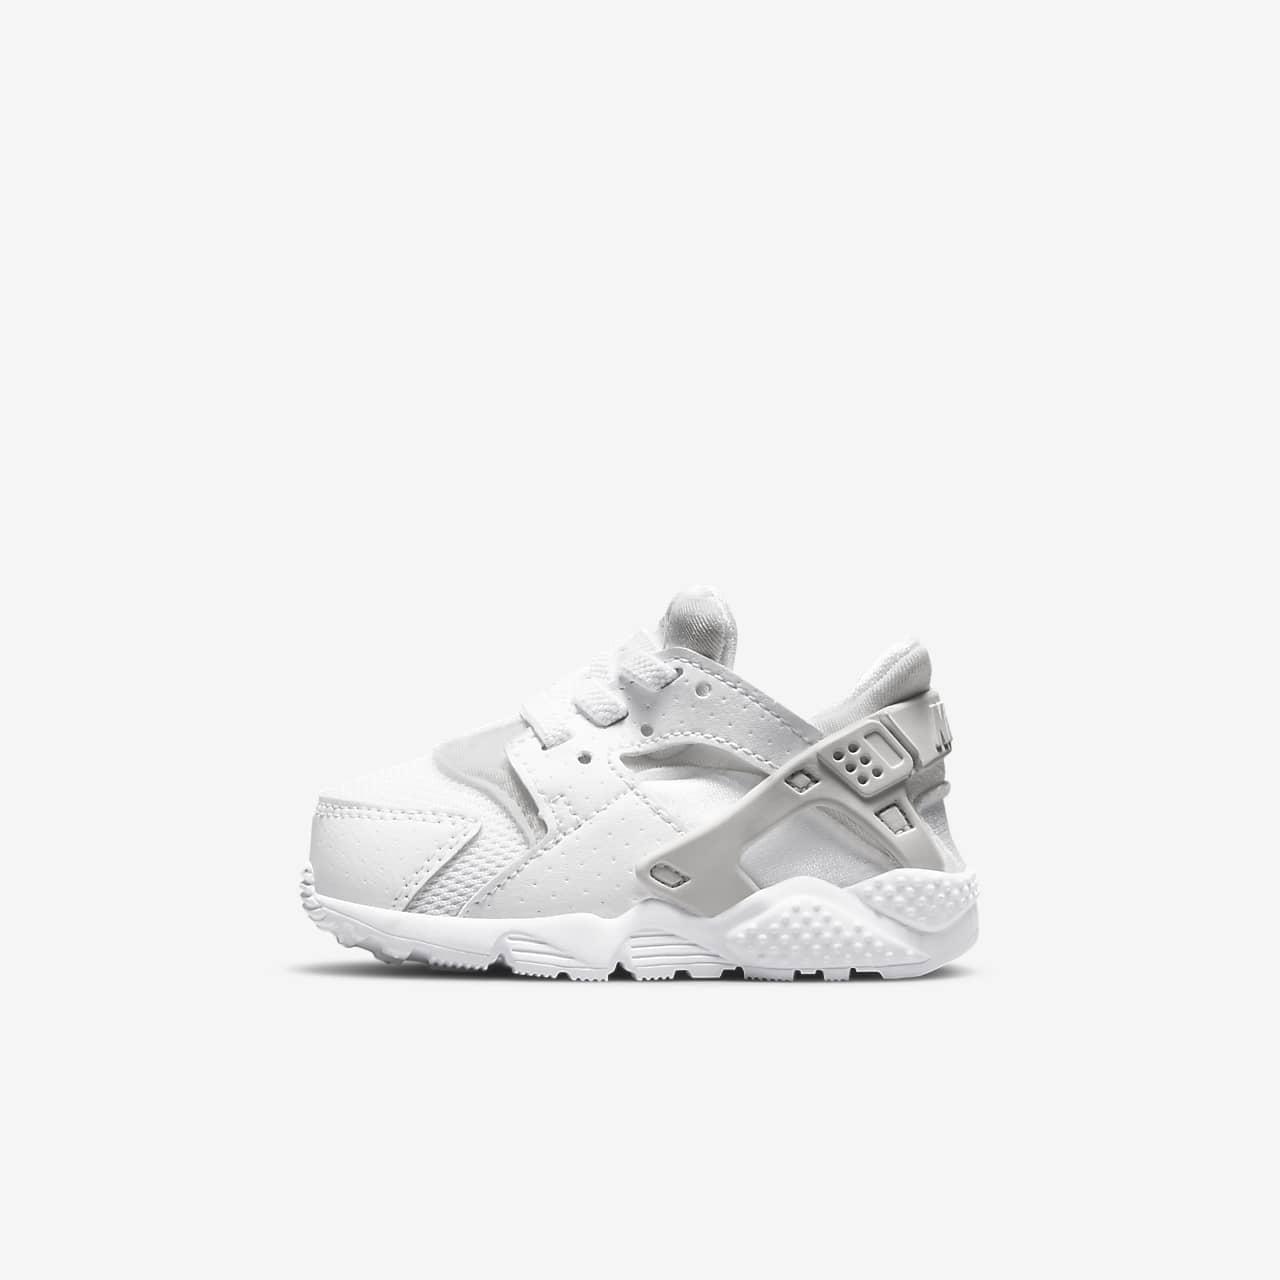 c7528c51f5 Nike Huarache Infant/Toddler Shoe. Nike.com